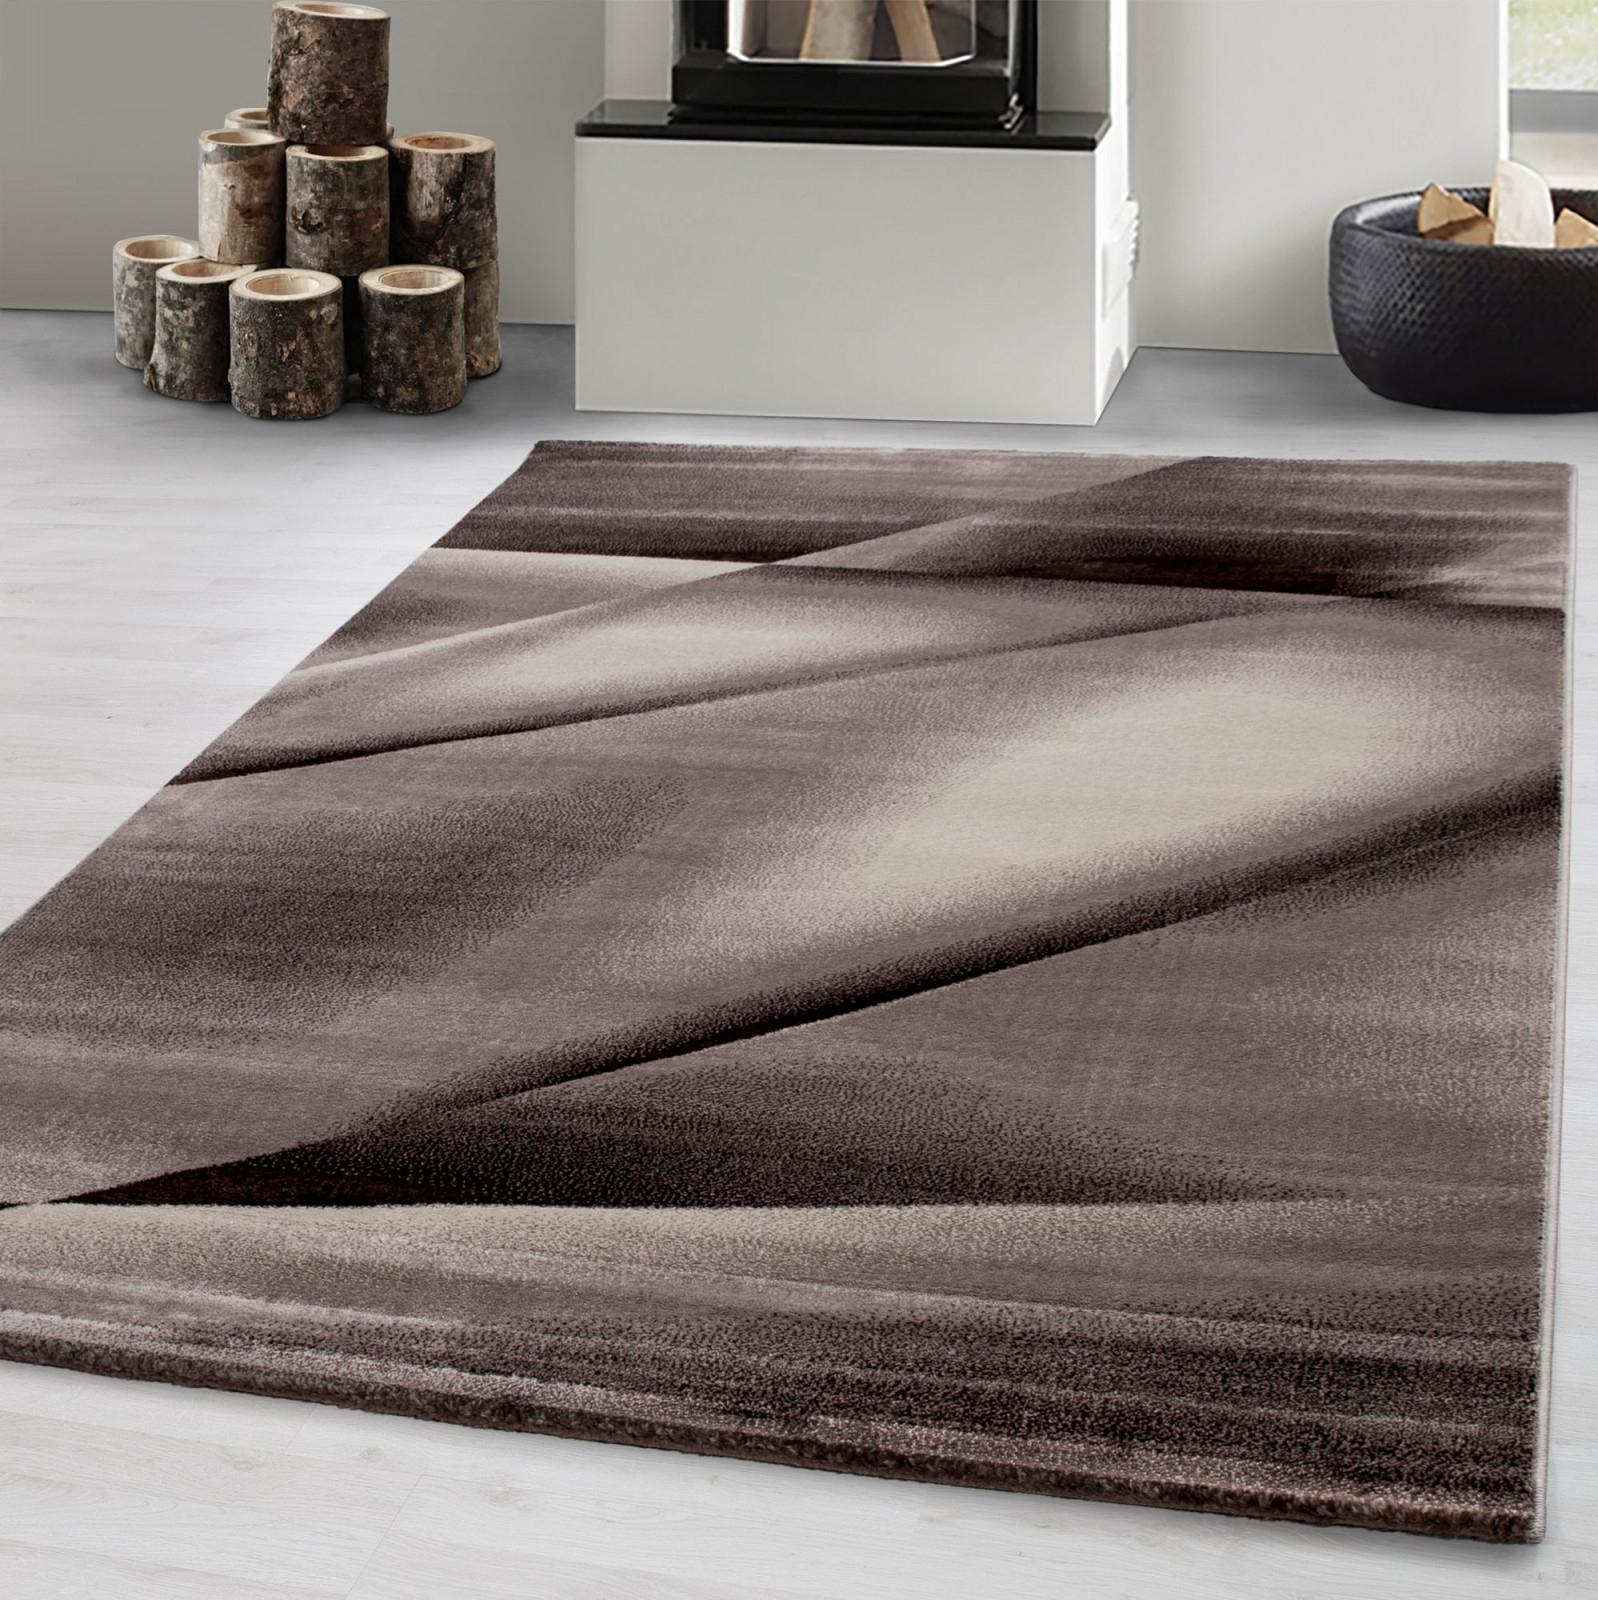 Designer Teppich Kurzflorwohnzimmerteppichlinien Wellen Gemustertbraun   Mono Home Gmbh von Teppich Set Wohnzimmer Bild